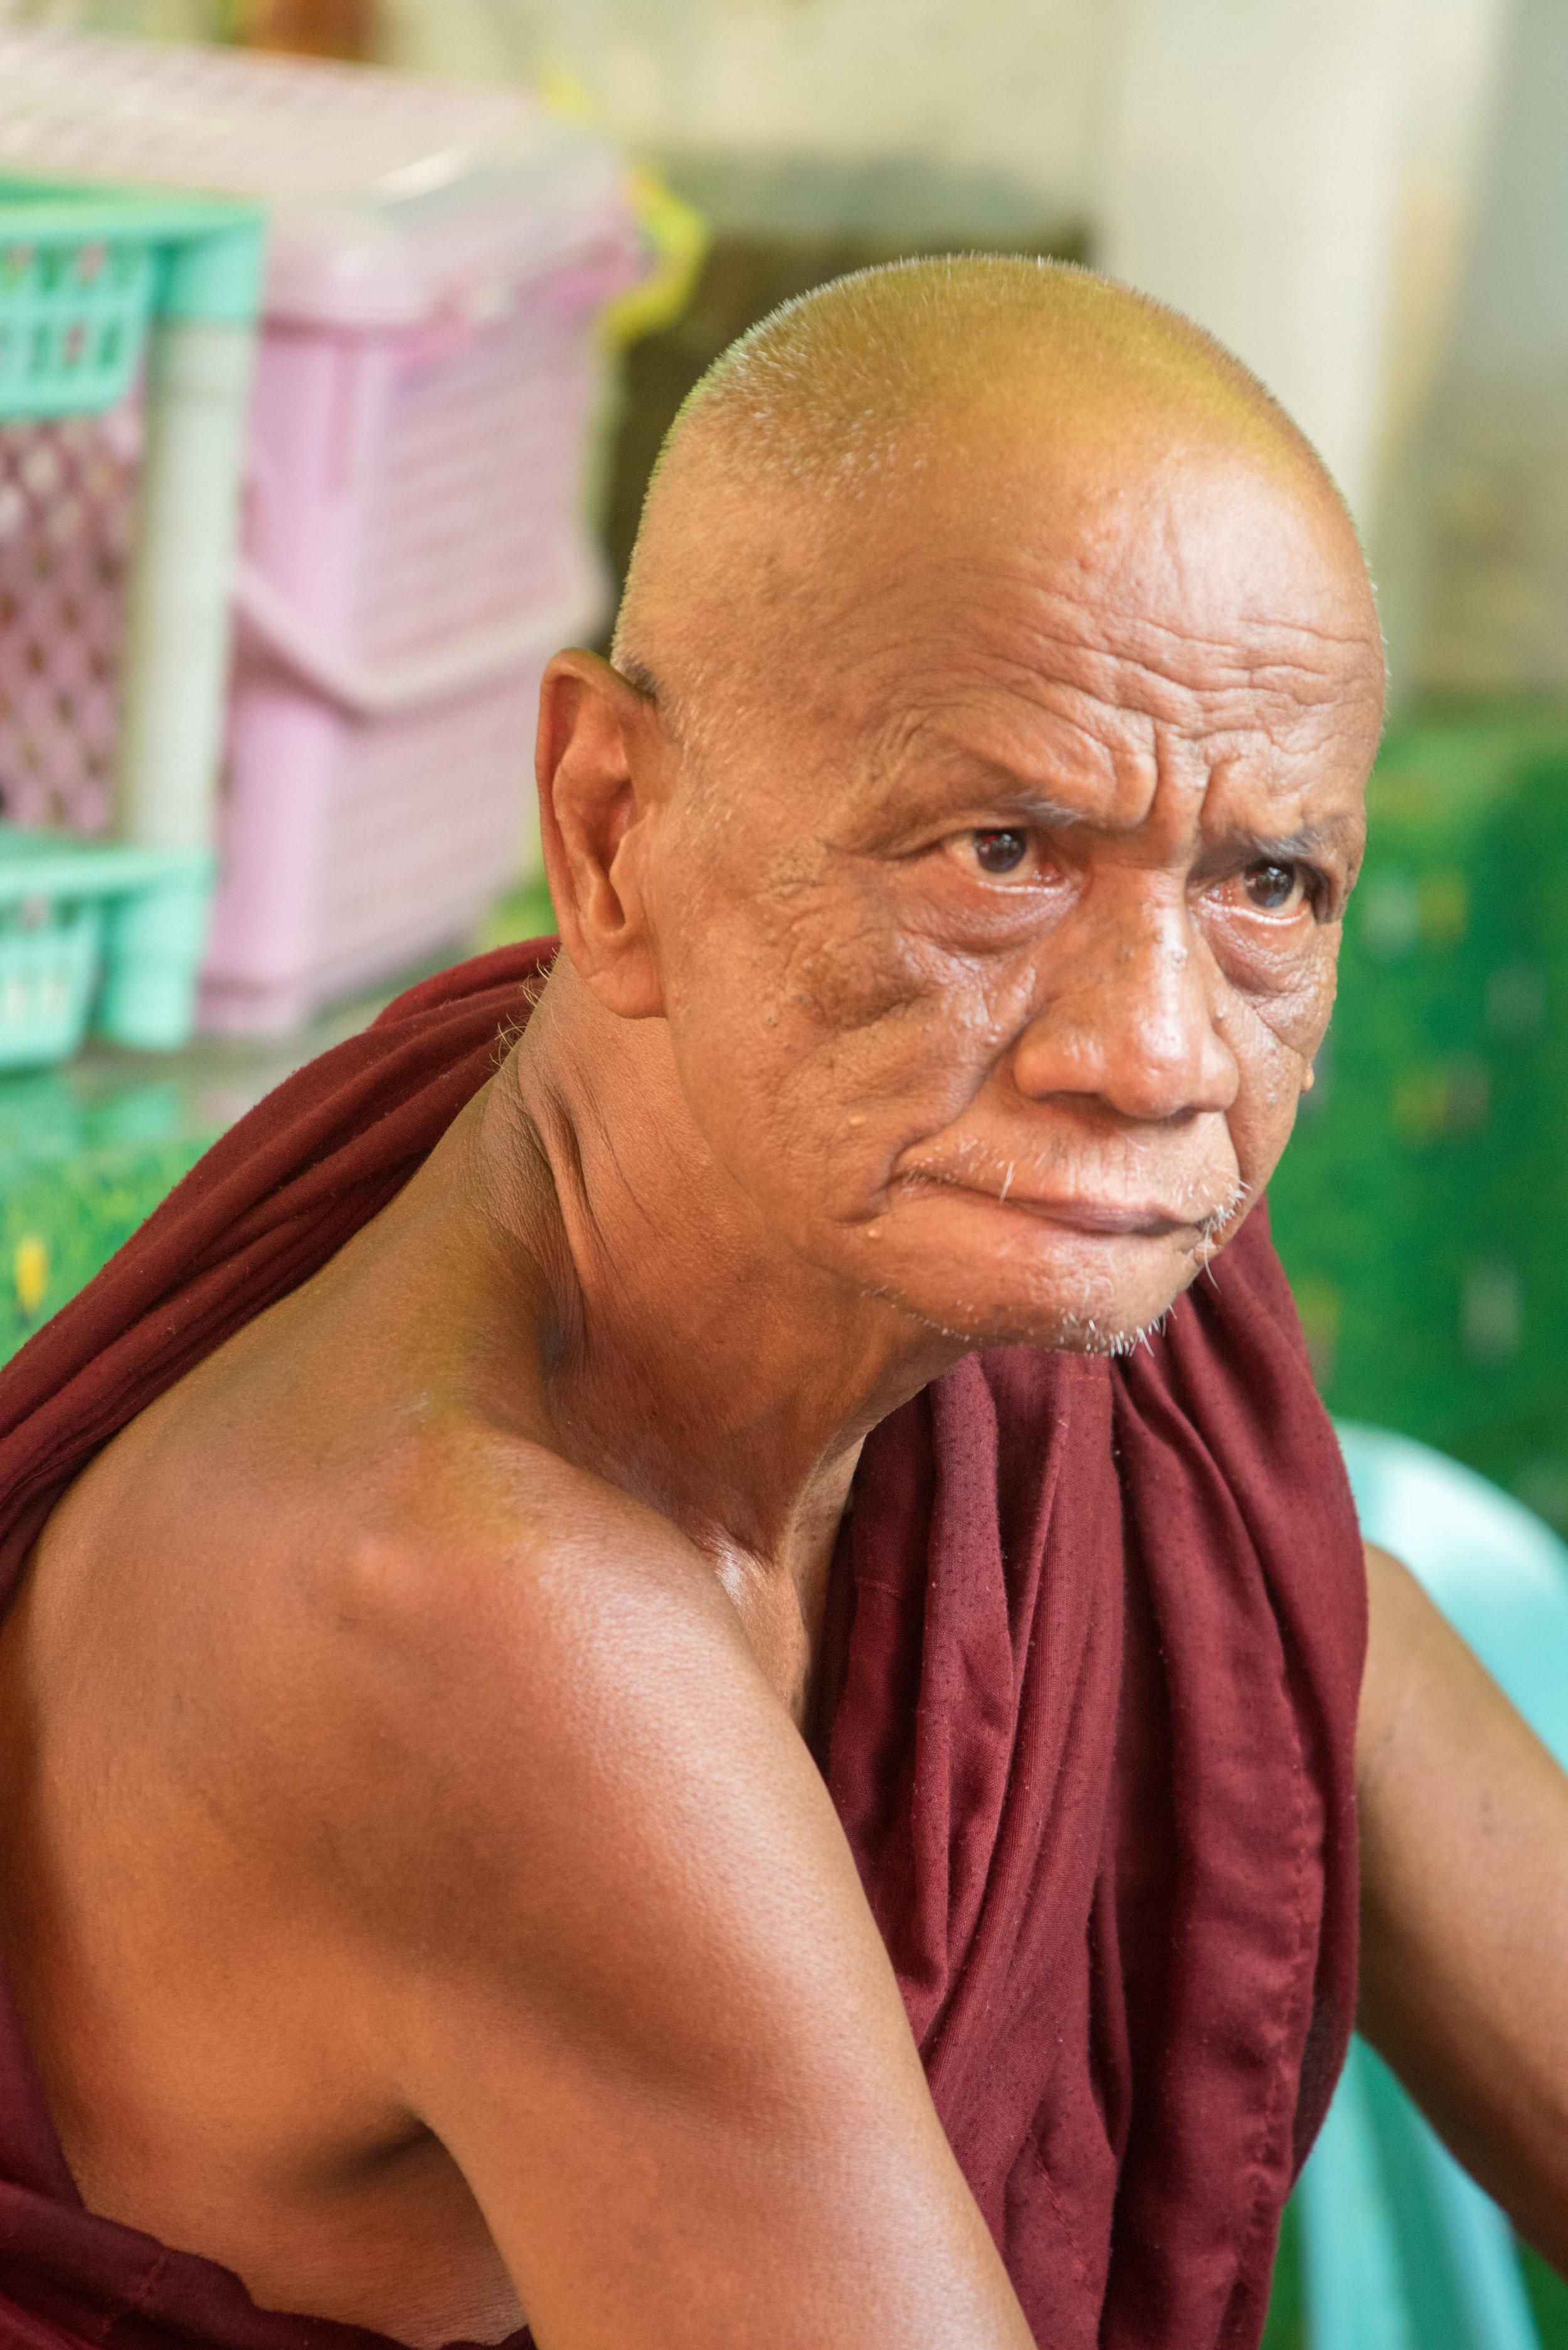 Monk in market, Colonial area, Yangon, Myanmar